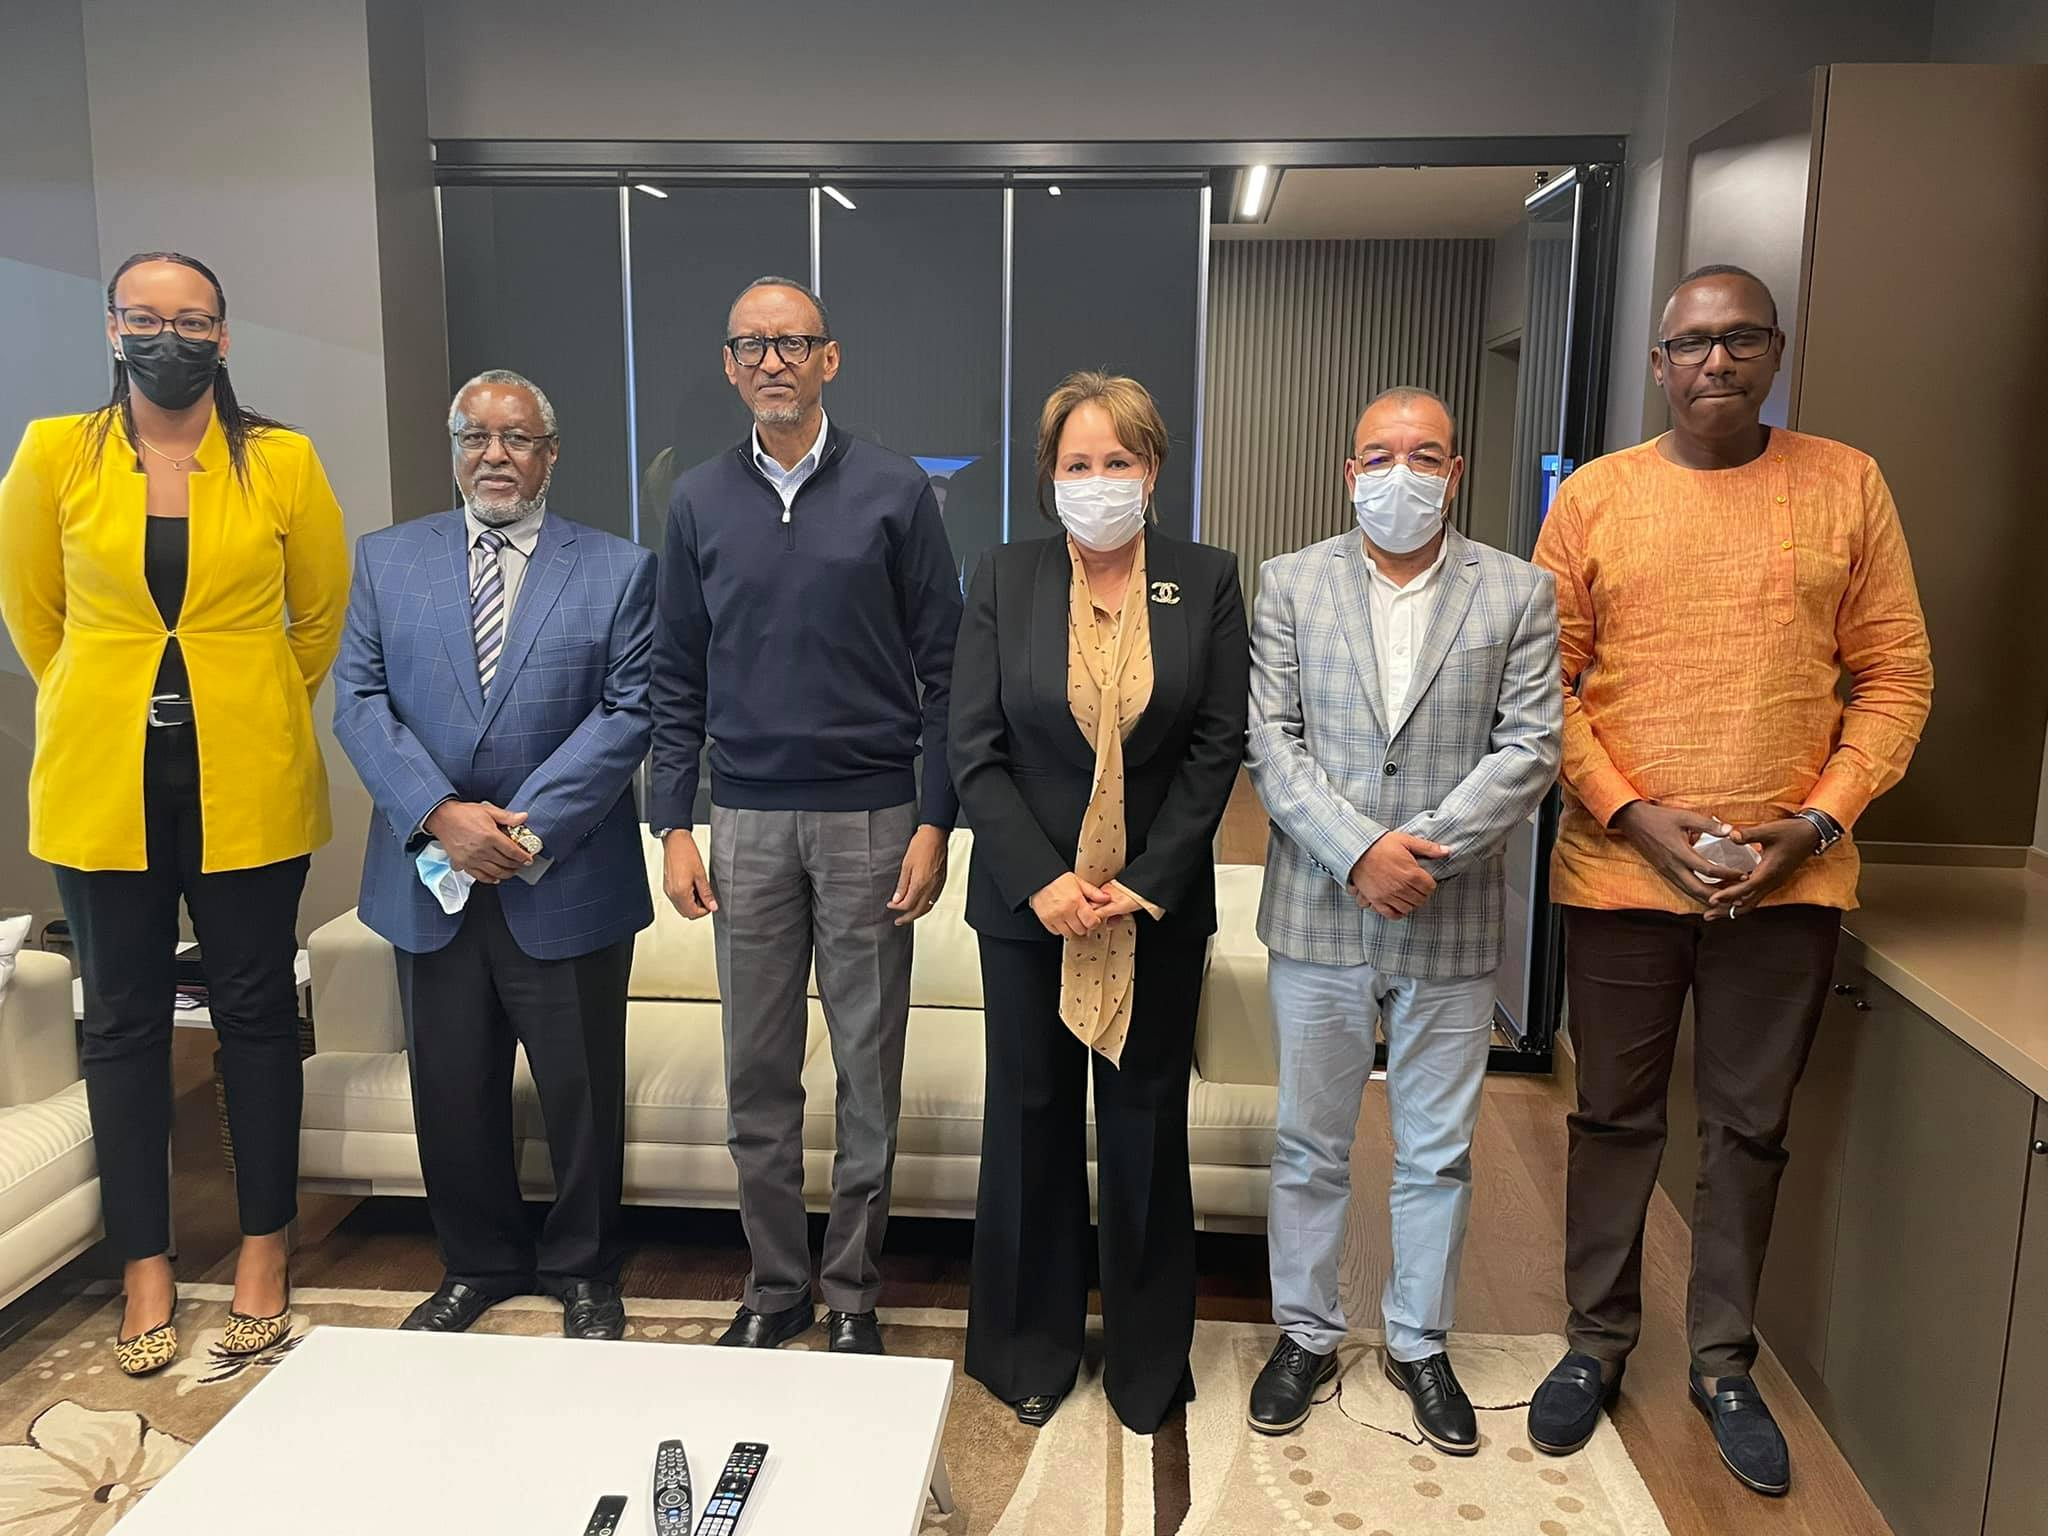 Volley-ball : Le président rwandais, M. Paul Kagame, reçoit Bouchra Hajij, présidente de la CAVB